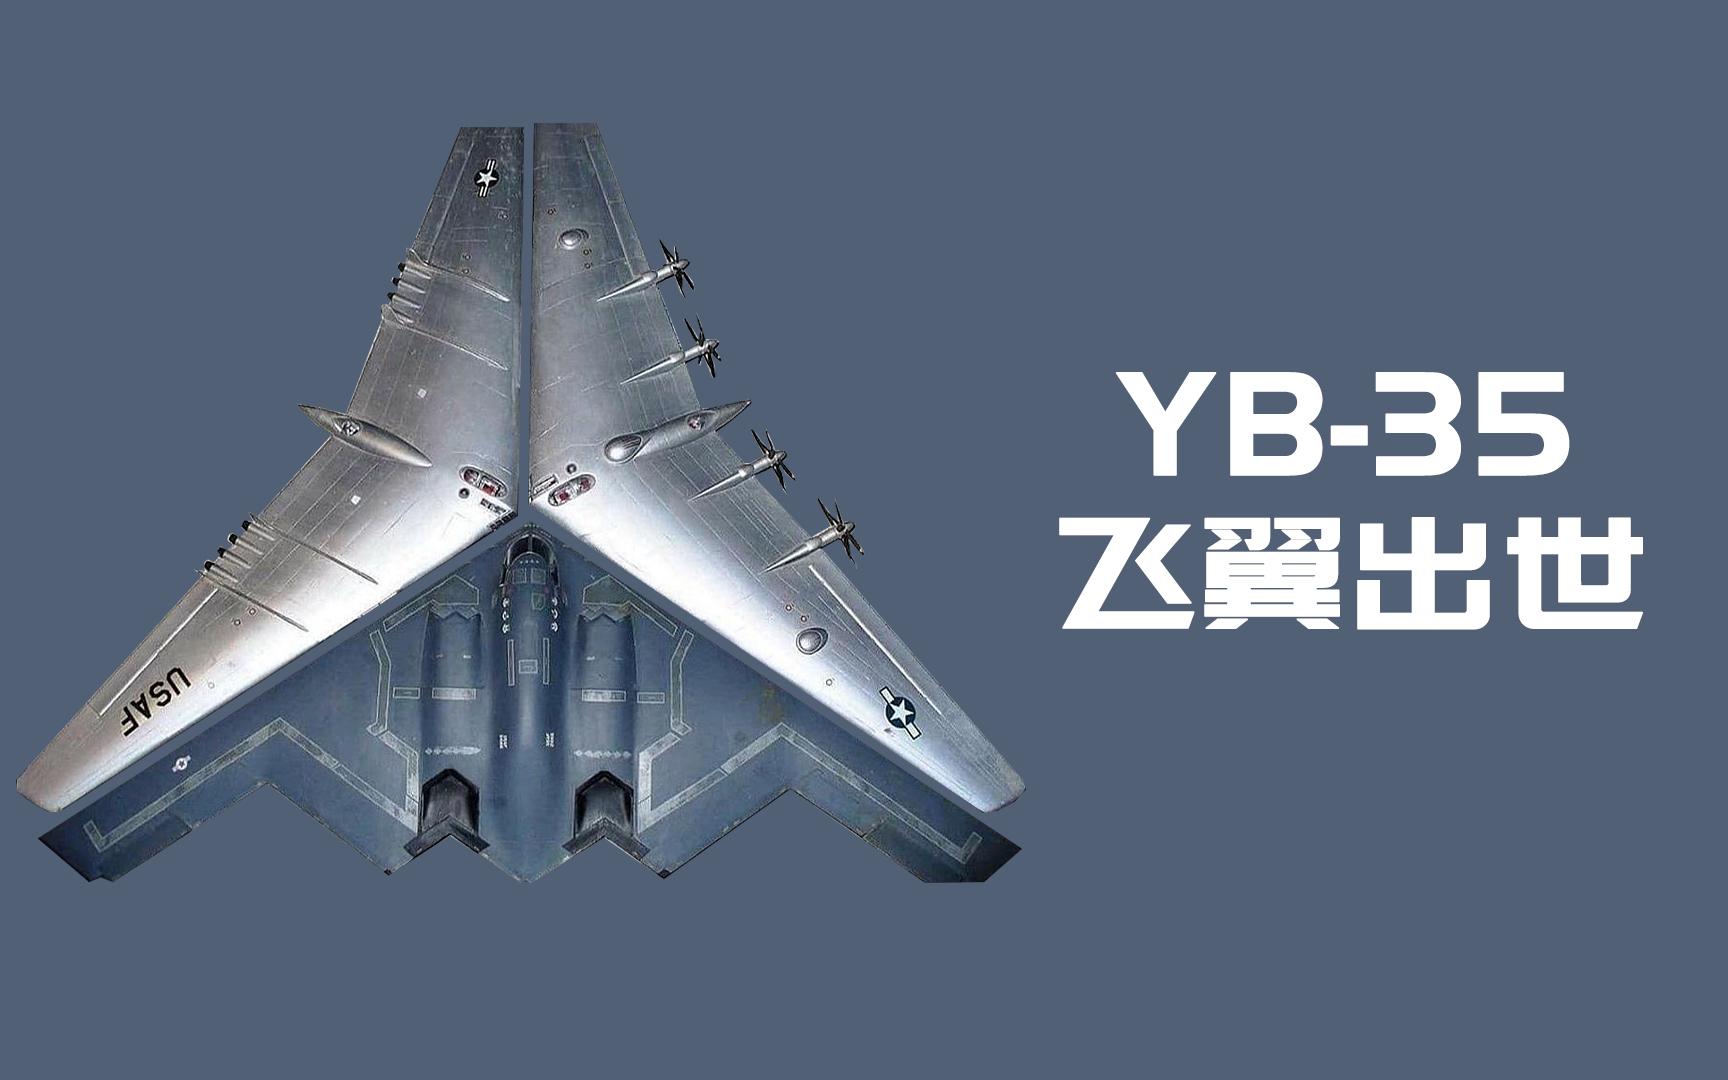 【讲堂611期】B-2幽灵的真实前身,不是外星科技,而是诺斯罗普的YB-35轰炸机